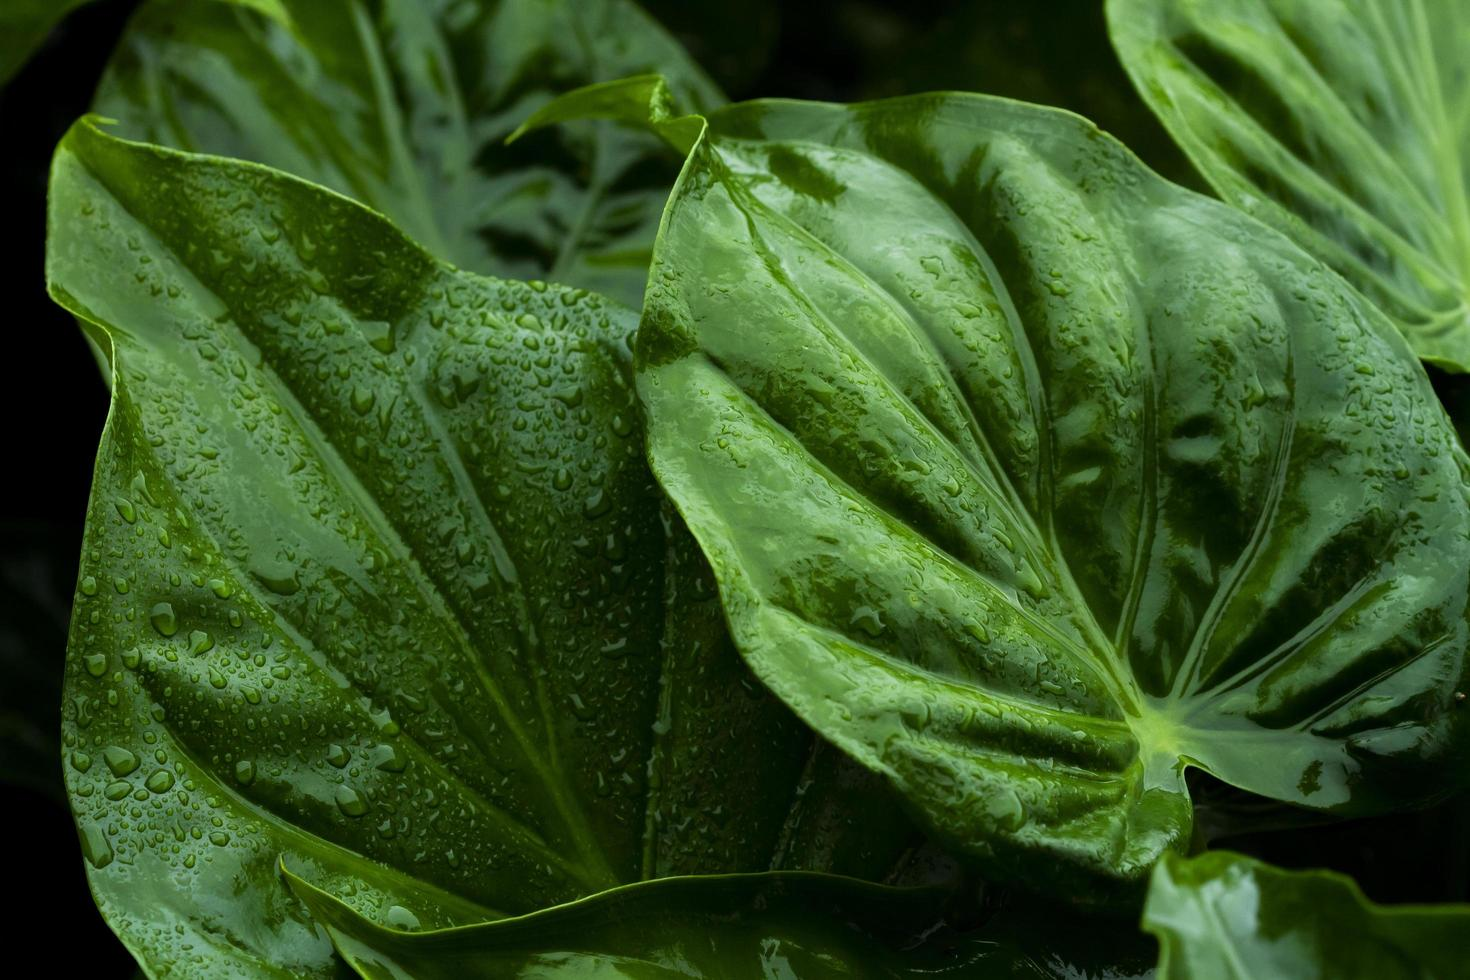 groene bladeren close-up foto